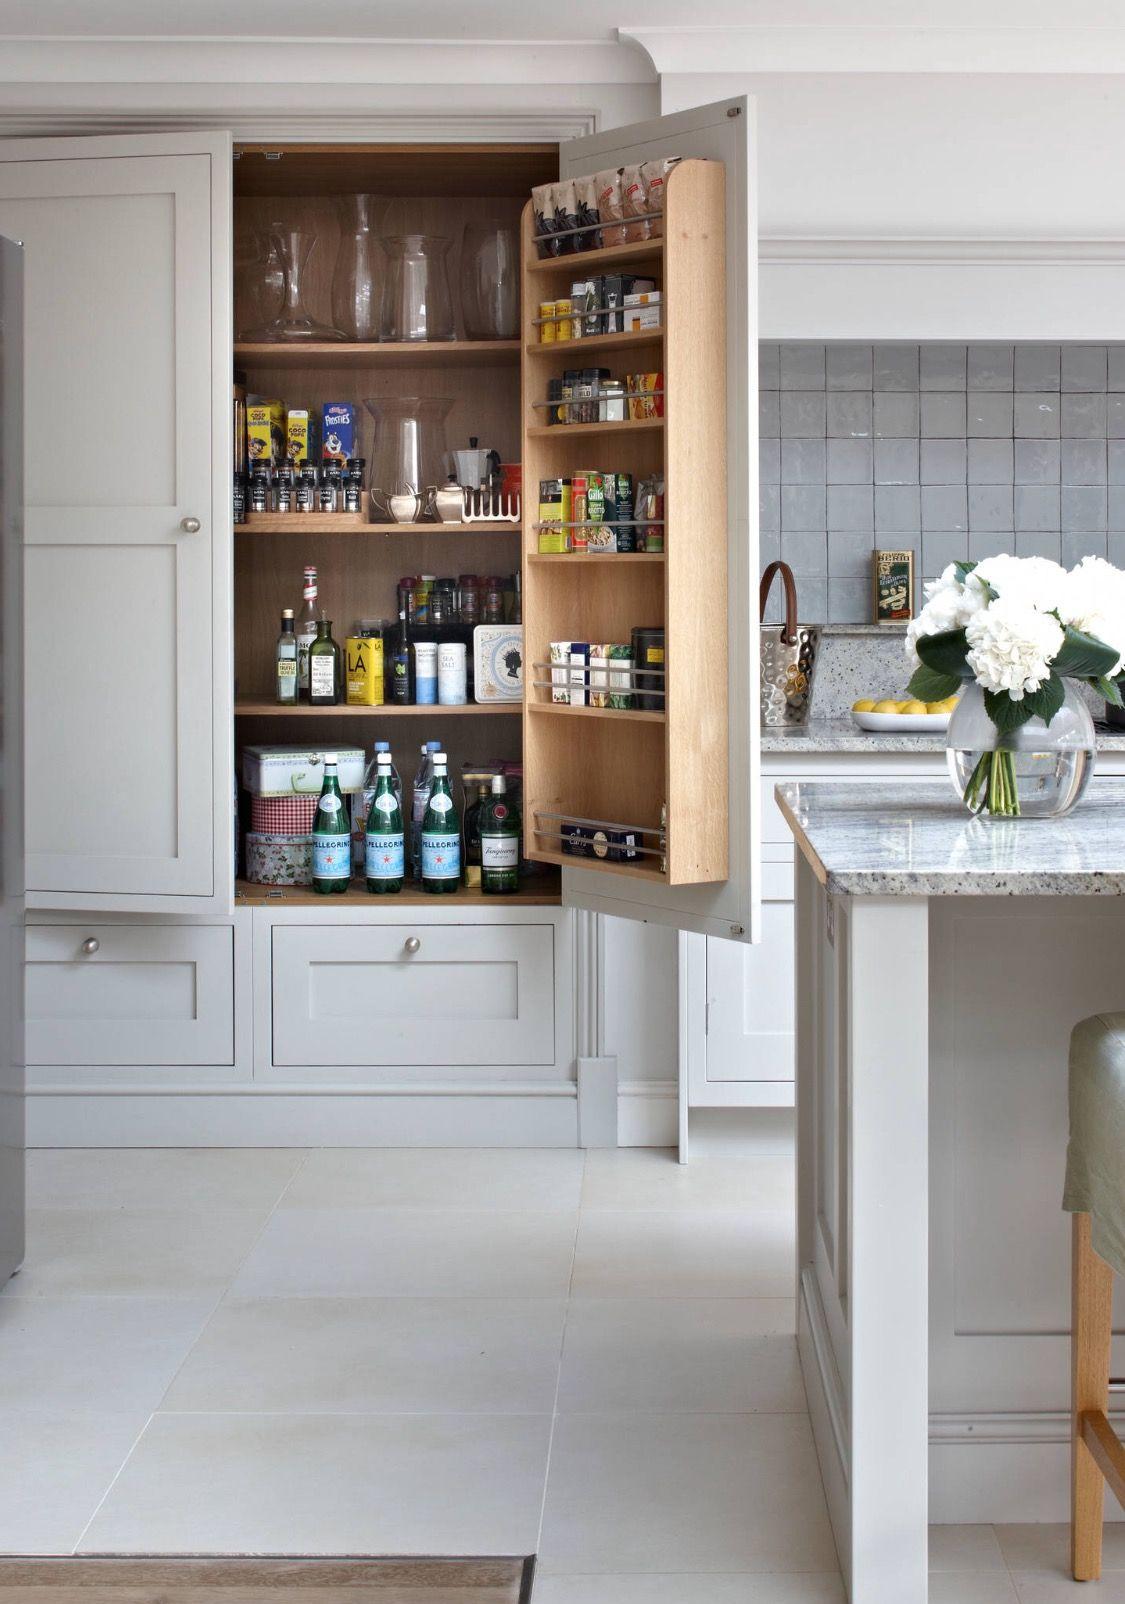 Pantry   Kitchen accessories   Pinterest